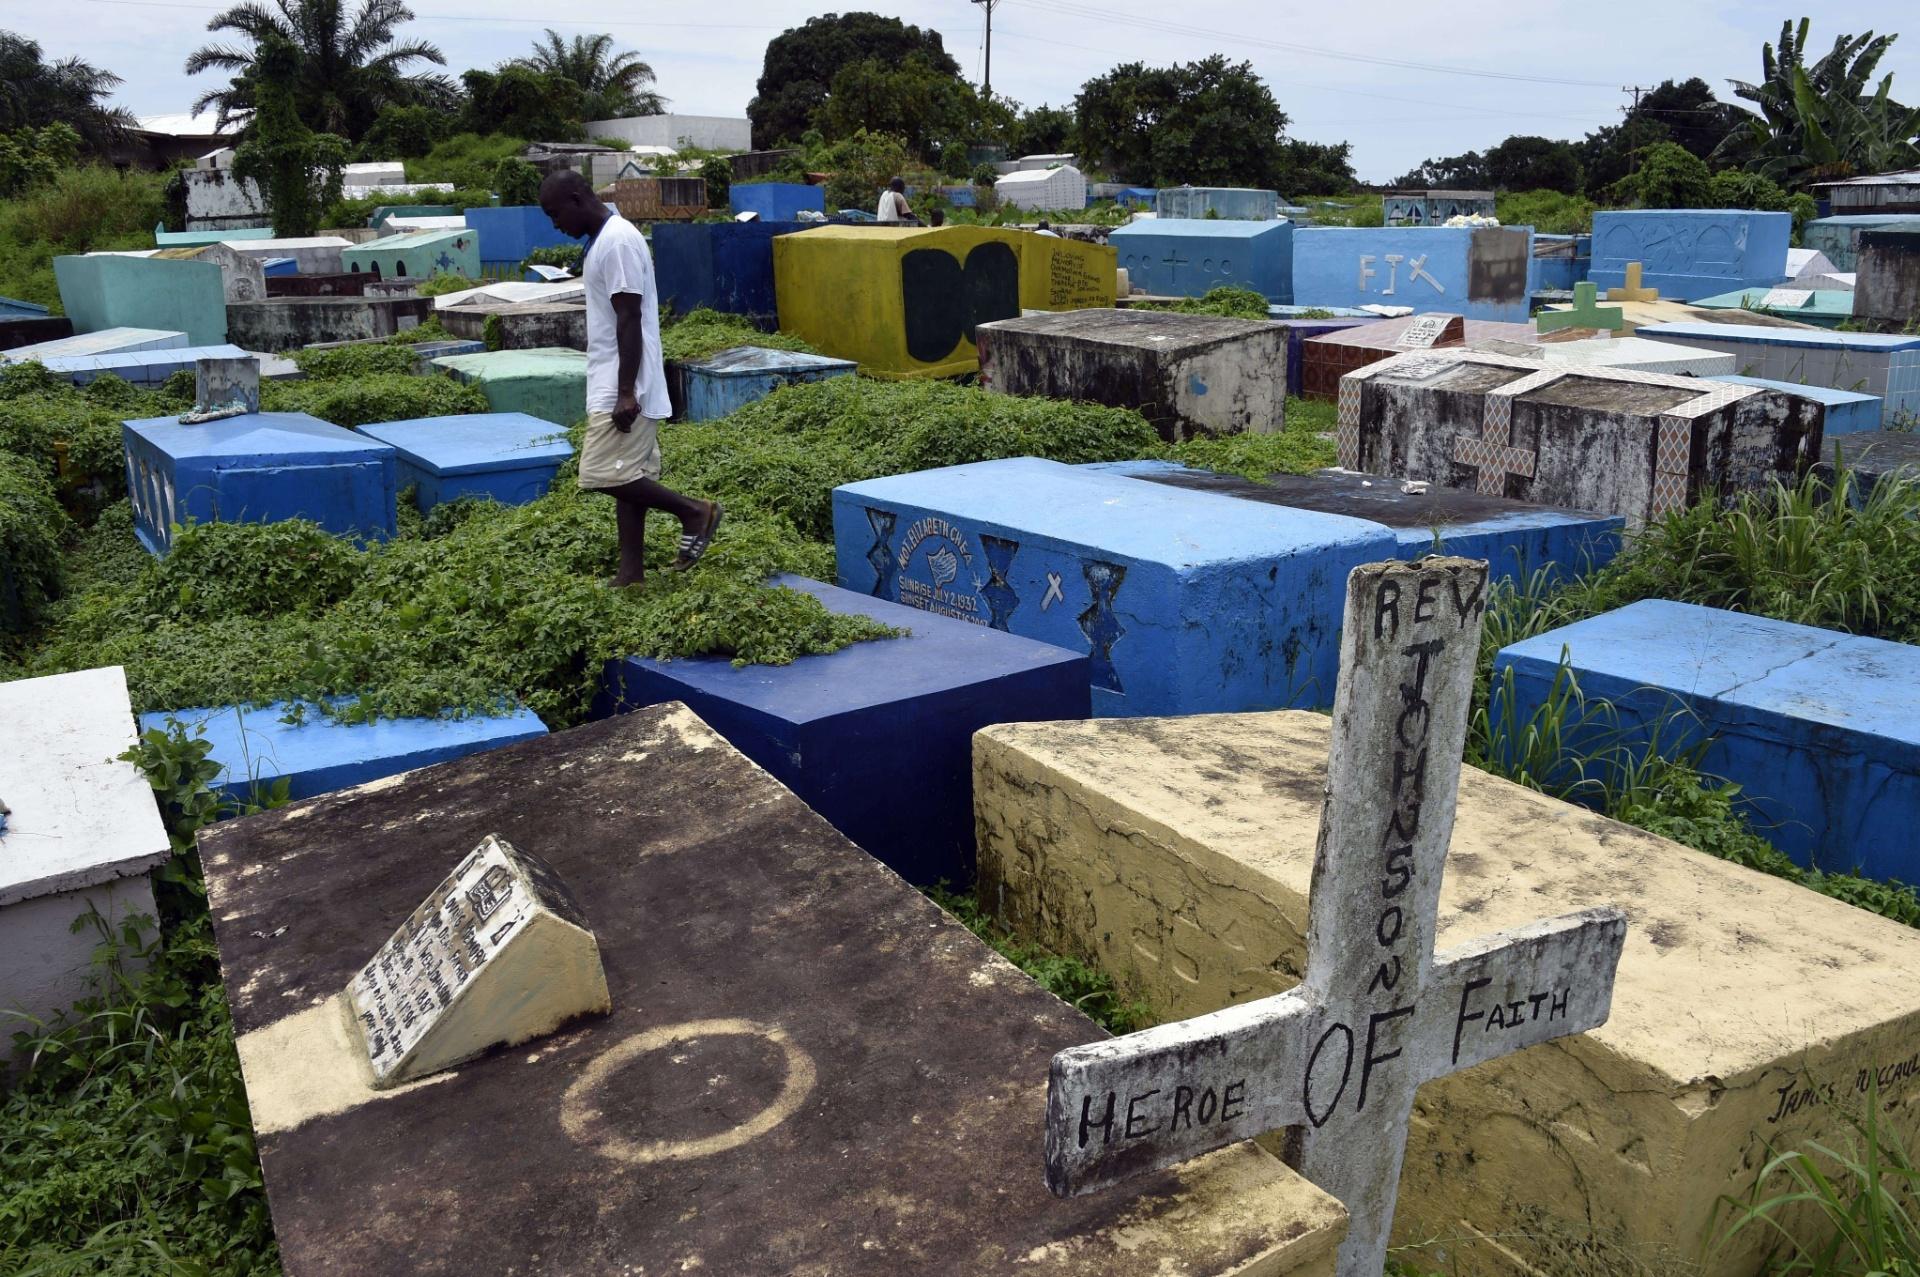 30.set.2014 - Homem caminha entre túmulos em um cemitério da cidade de Monróvia,na Libéria. O país foi o mais atingido pelo surto de ebola que já matou mais de 3.000 pessoas na África Oriental. Segundo dados da ONU, 1.830 pessoas morreram e 3.458 pessoas foram infectadas na Libéria